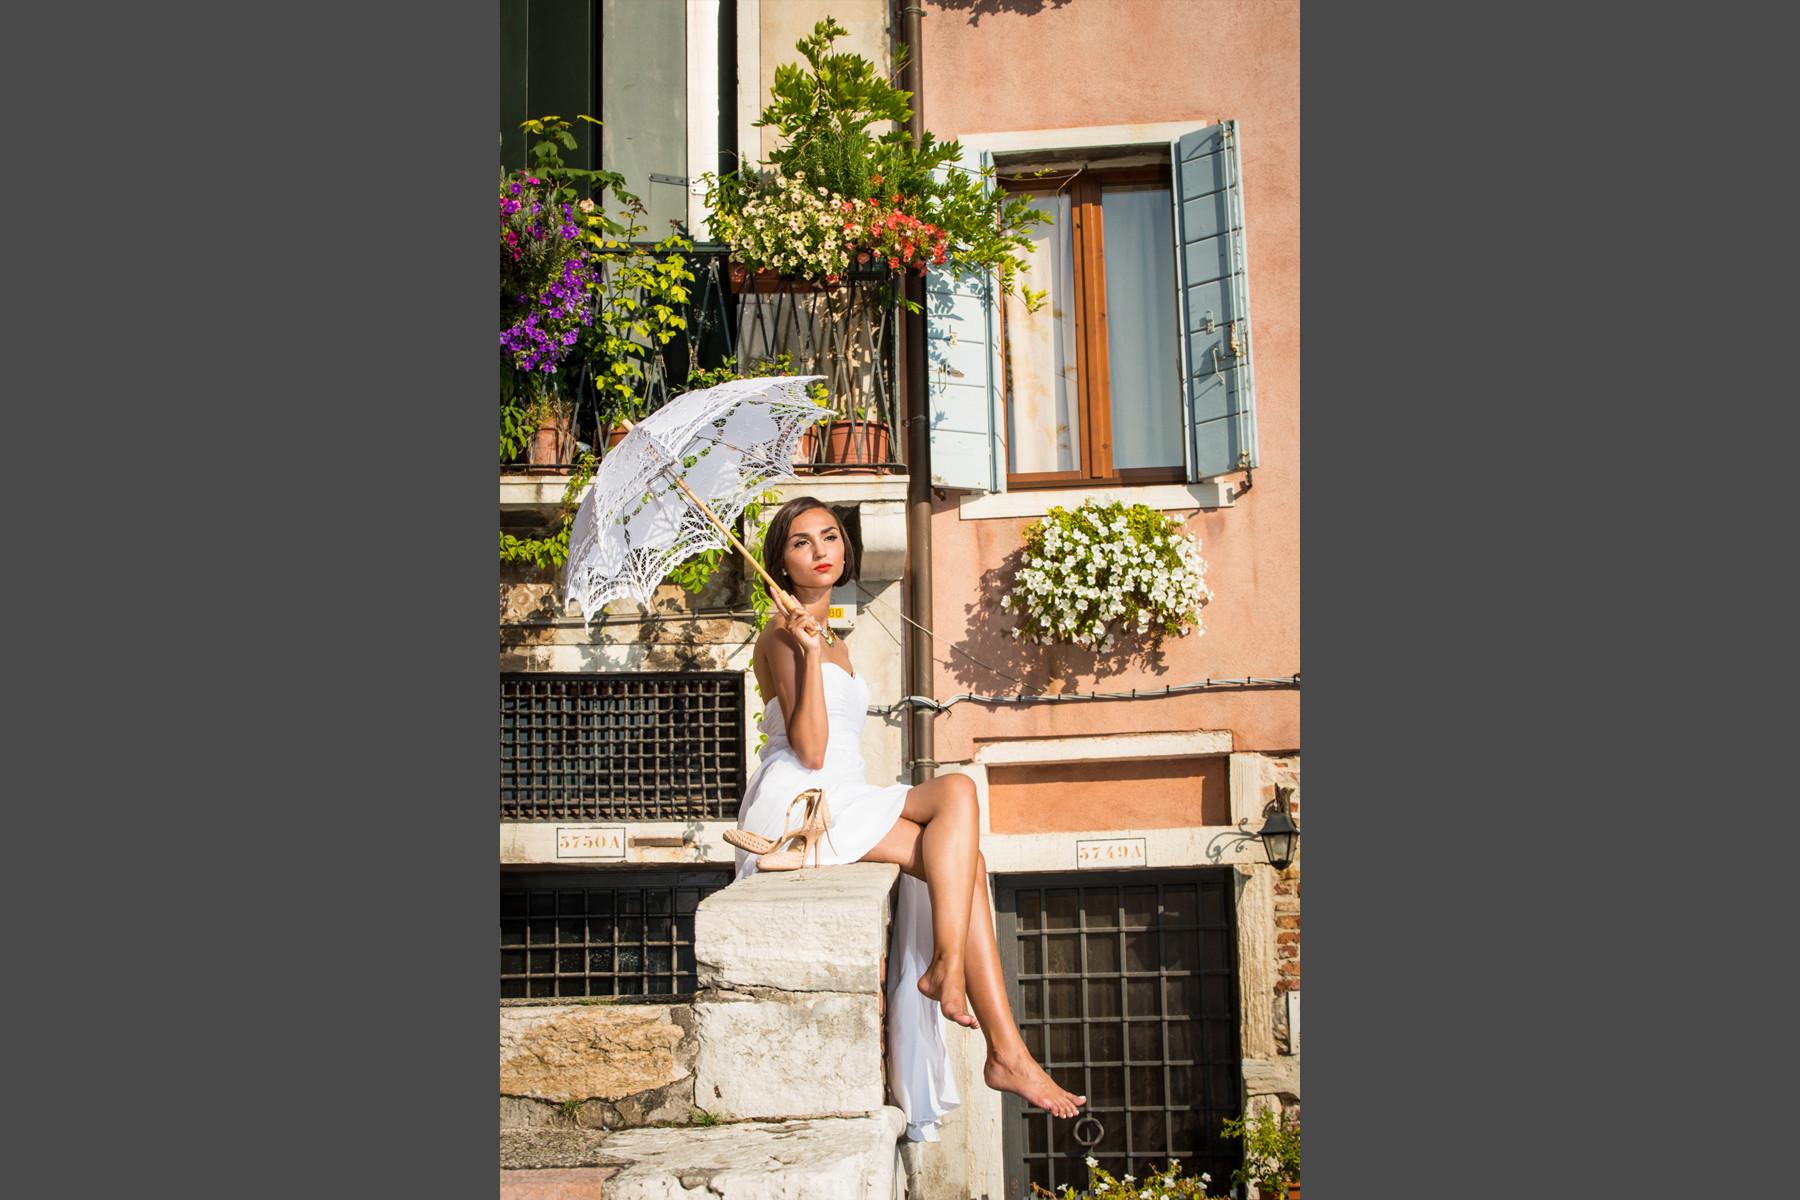 Italy 2015 Shoots-Marilyn-194